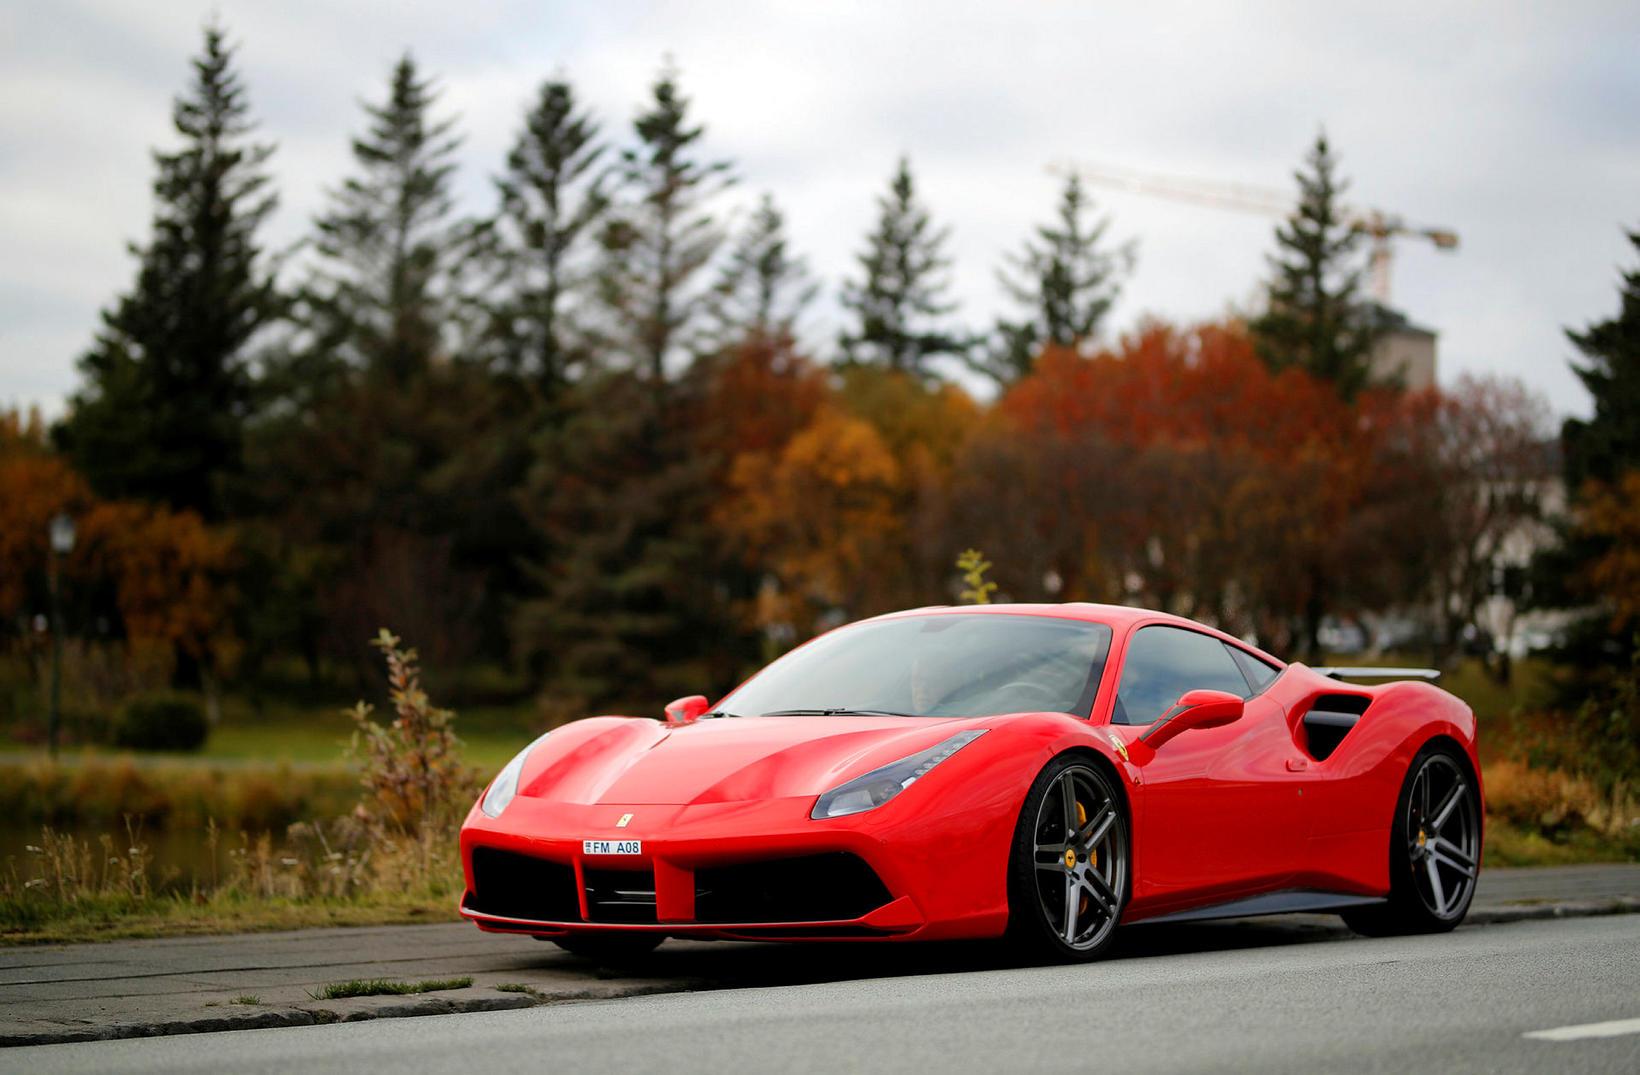 Ferrari 488 sportbíllinn er draumabíll margra, og ökutæki í algjörum …